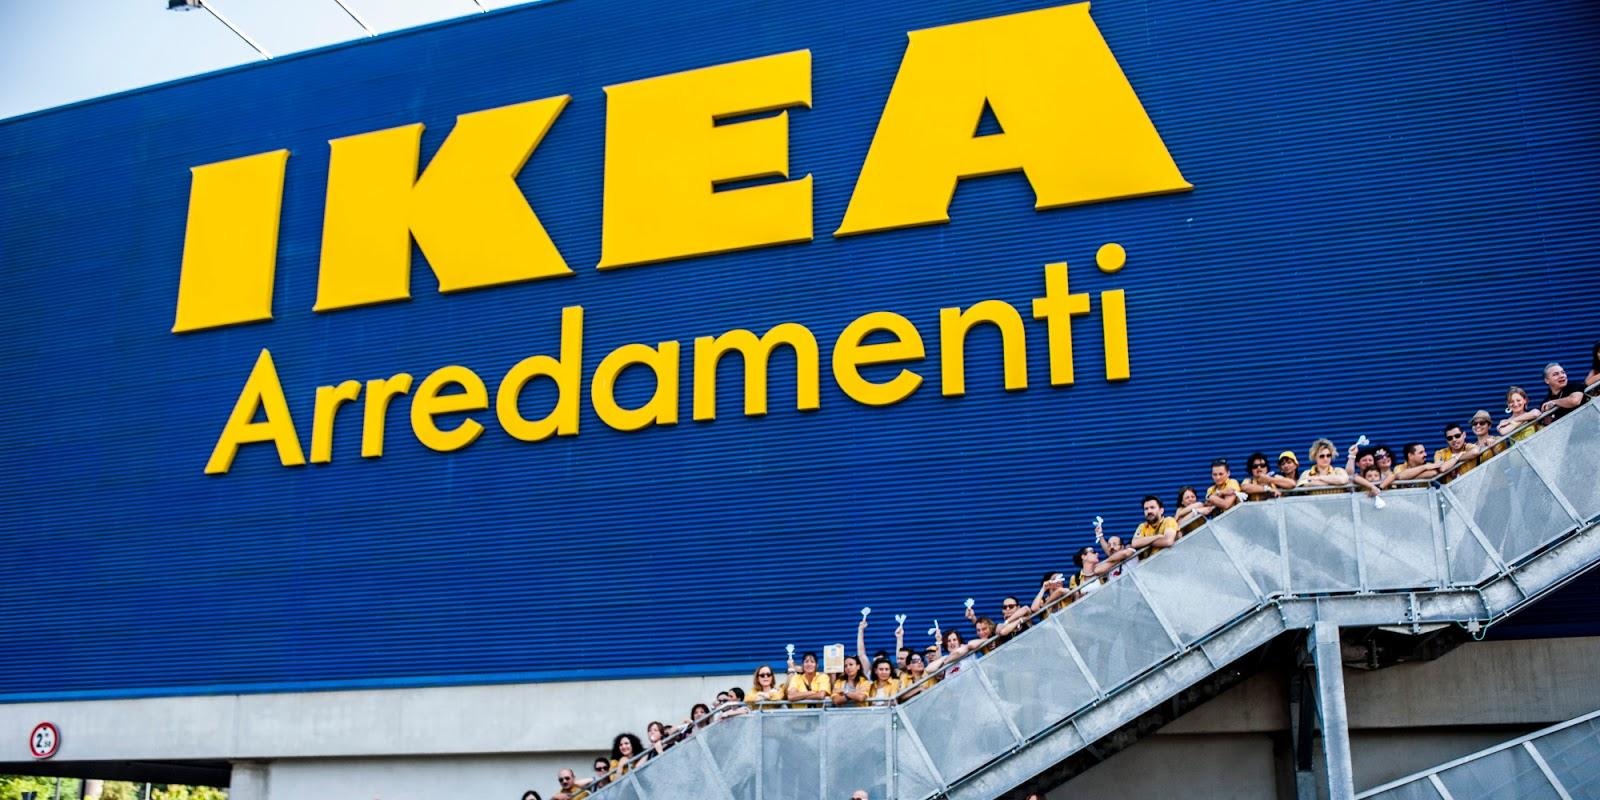 Helplavoro 2016 lavoro e formazione in italia con ikea for Ikea programma